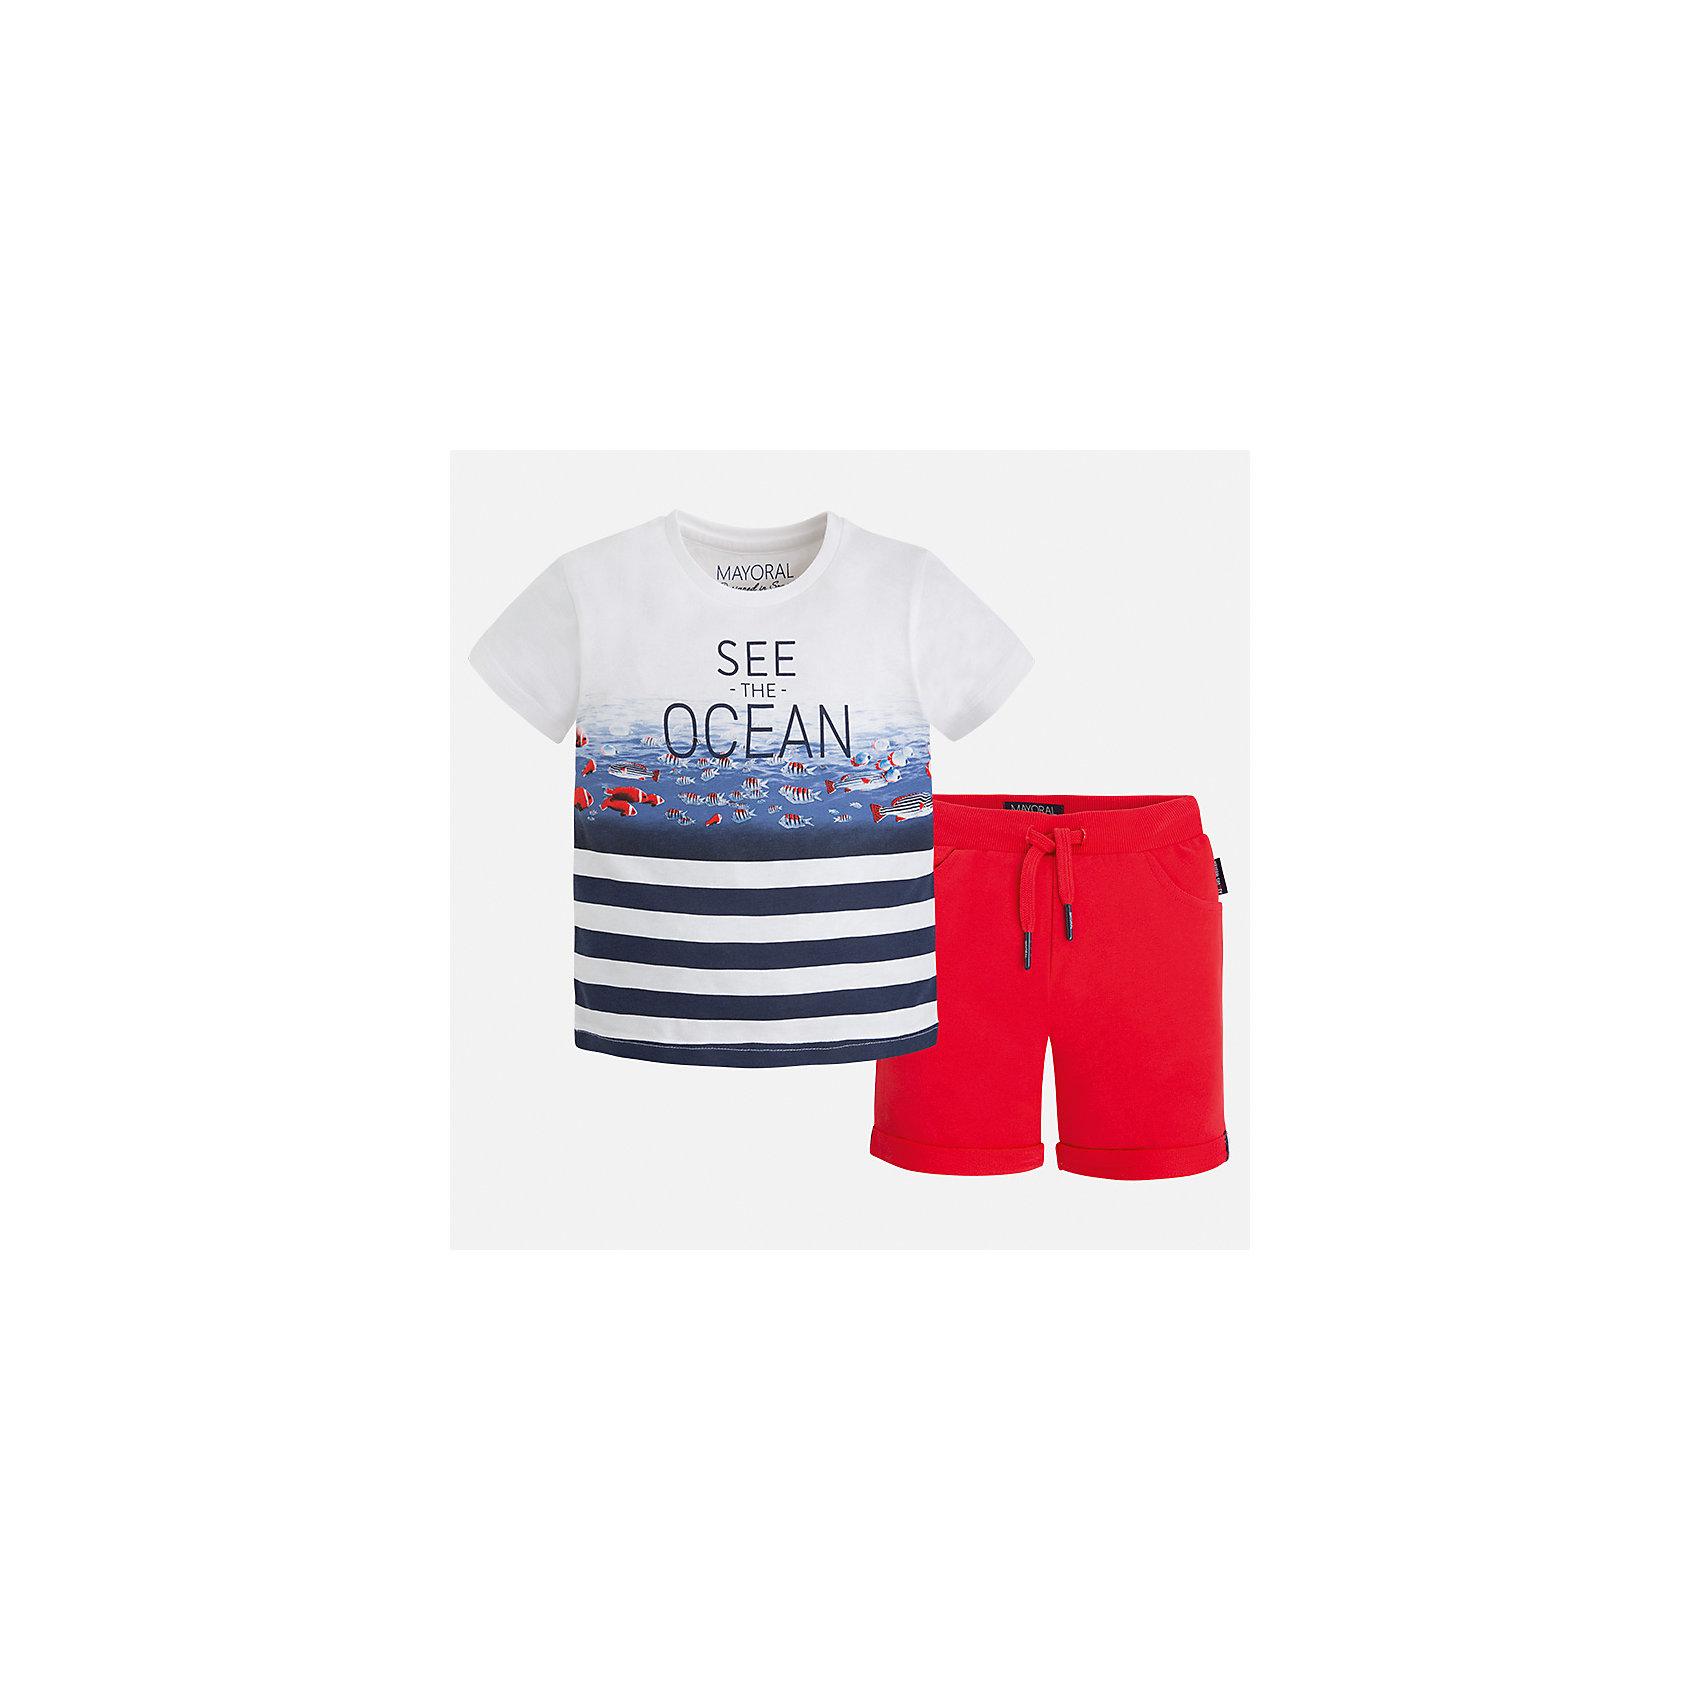 Комплект: бриджи и футболка для мальчика MayoralКомплекты<br>Характеристики товара:<br><br>• цвет: белый/красный<br>• состав: 100% хлопок<br>• комплектация: футболка, шорты<br>• футболка с принтом<br>• отложной воротник<br>• шорты с карманами<br>• пояс - мягкая резинка и шнурок<br>• отвороты<br>• страна бренда: Испания<br><br>Красивый качественный комплект для мальчика поможет разнообразить гардероб ребенка и удобно одеться в теплую погоду. В составе материала - только натуральный хлопок, гипоаллергенный, приятный на ощупь, дышащий.<br><br>Комплект: бриджи и футболка для мальчика от испанского бренда Mayoral (Майорал) можно купить в нашем интернет-магазине.<br><br>Ширина мм: 191<br>Глубина мм: 10<br>Высота мм: 175<br>Вес г: 273<br>Цвет: розовый<br>Возраст от месяцев: 24<br>Возраст до месяцев: 36<br>Пол: Мужской<br>Возраст: Детский<br>Размер: 98,128,122,116,110,104,92,134<br>SKU: 5281018